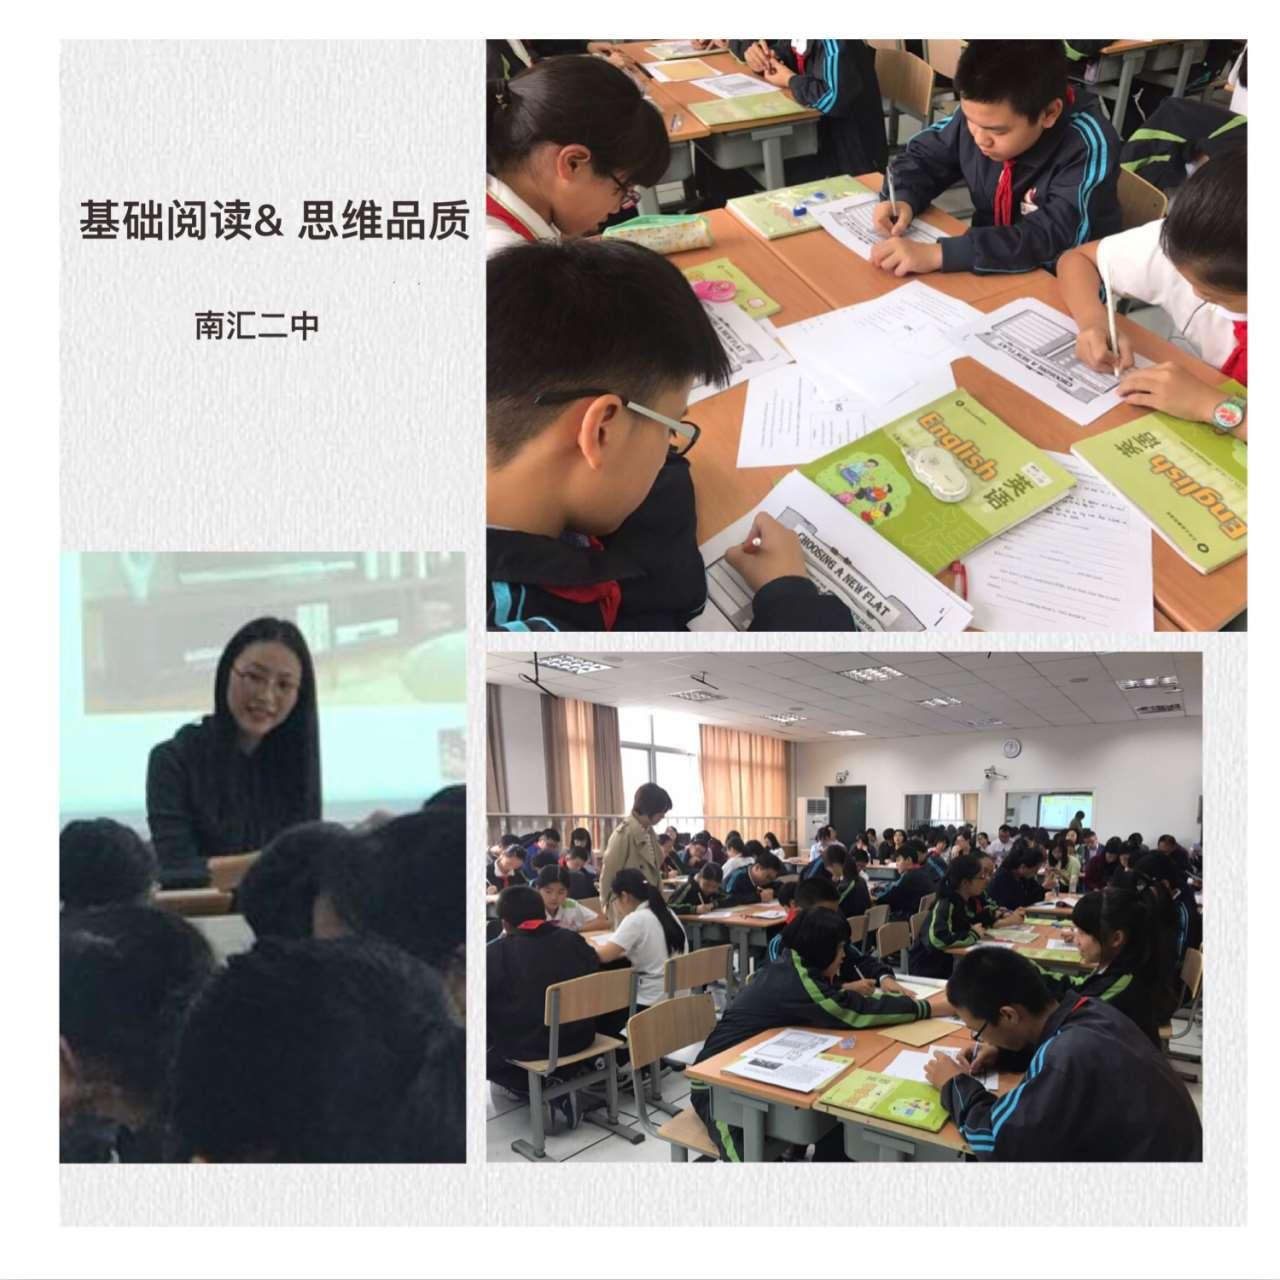 二中英语教研组长柒静老师对部分大家感兴趣的教学环节的设计意图也作